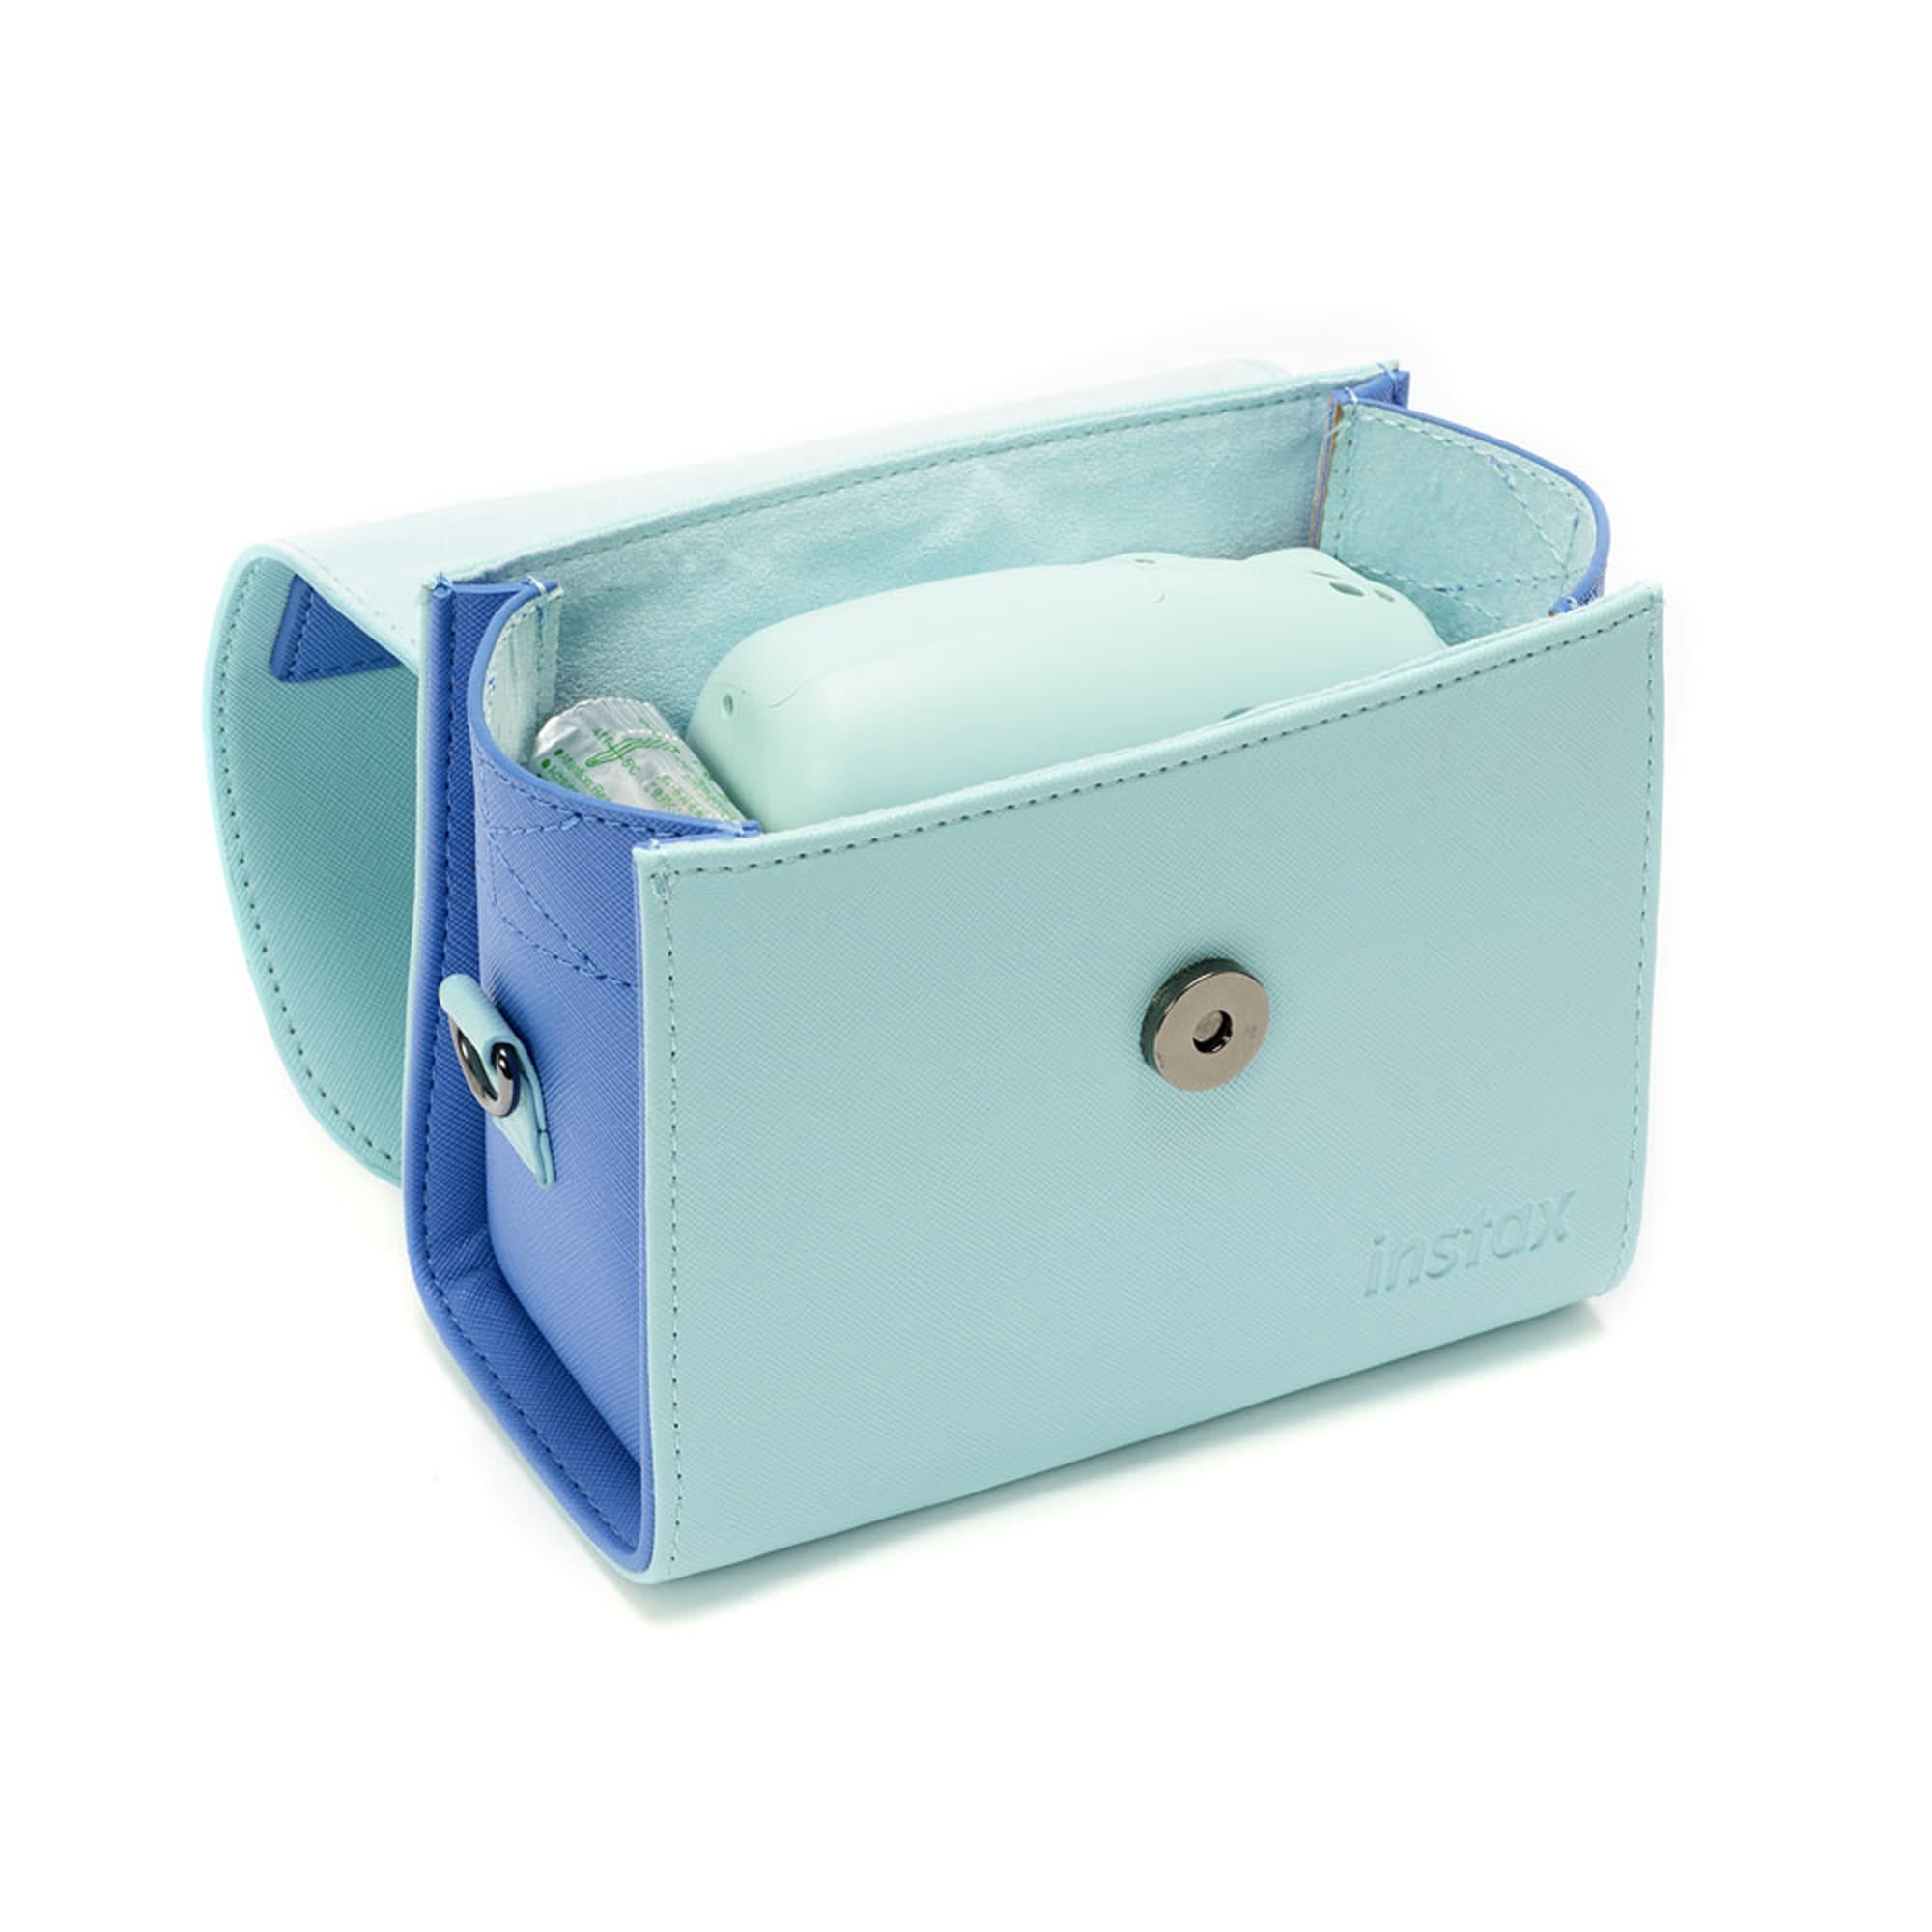 Fujifilm Instax Mini Väska Ice Blue Med Handtag